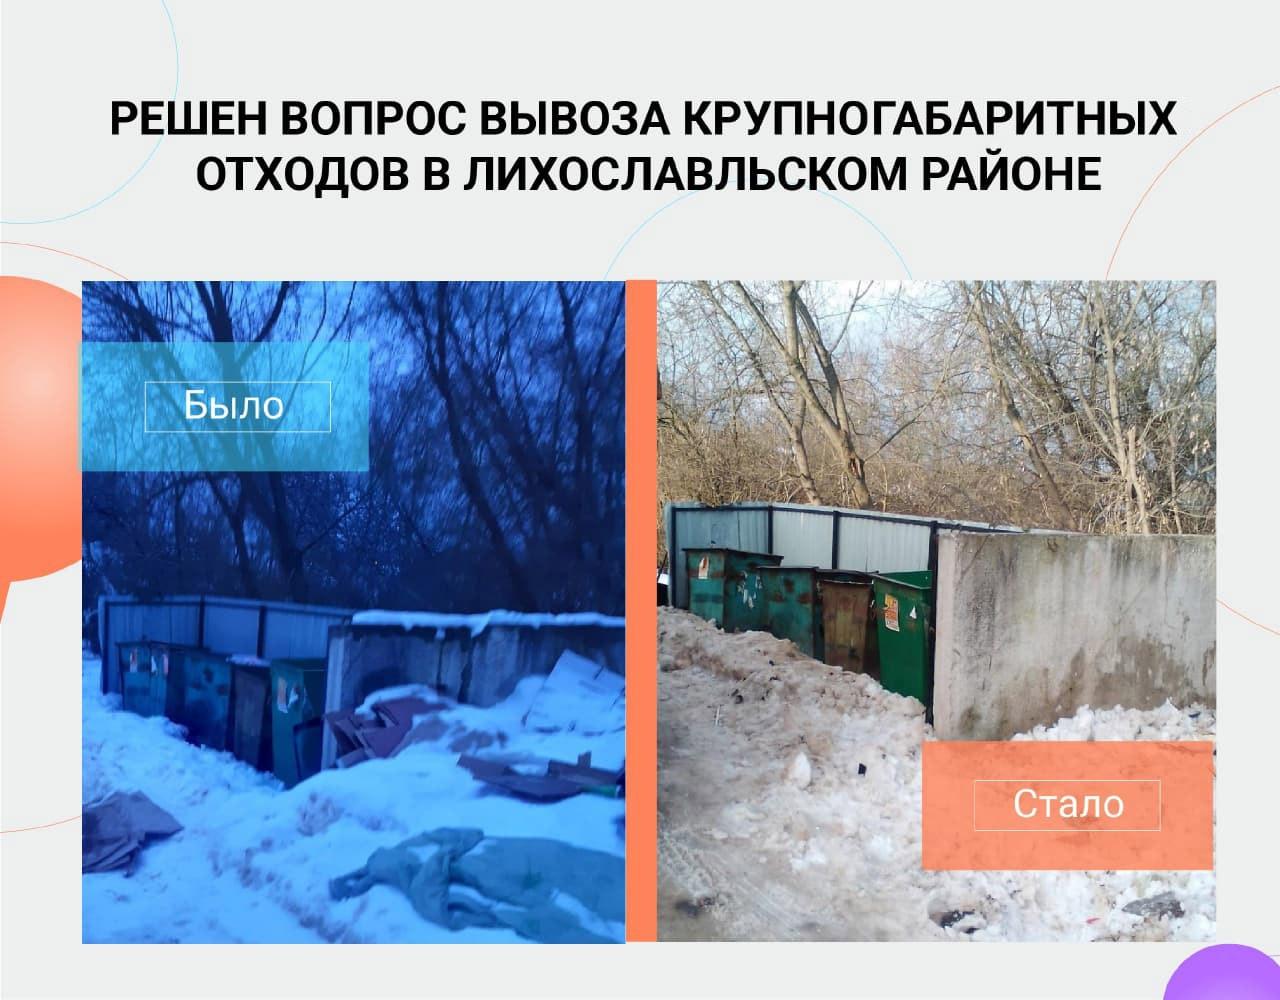 Пожаловались в соц-сети: в Лихославле убрали мусор